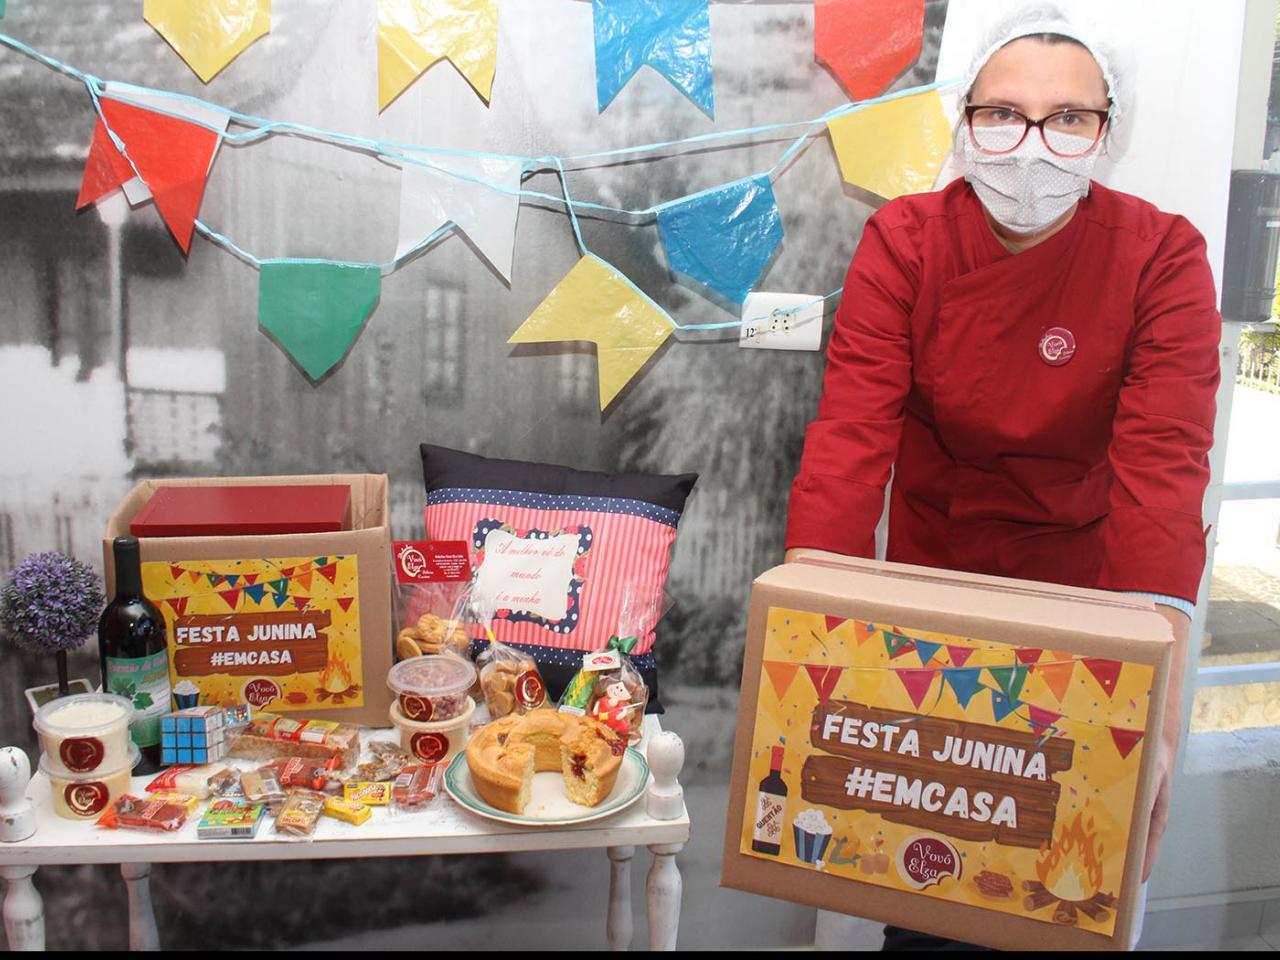 Festas juninas também se adaptam aos tempos de pandemia em Curitiba